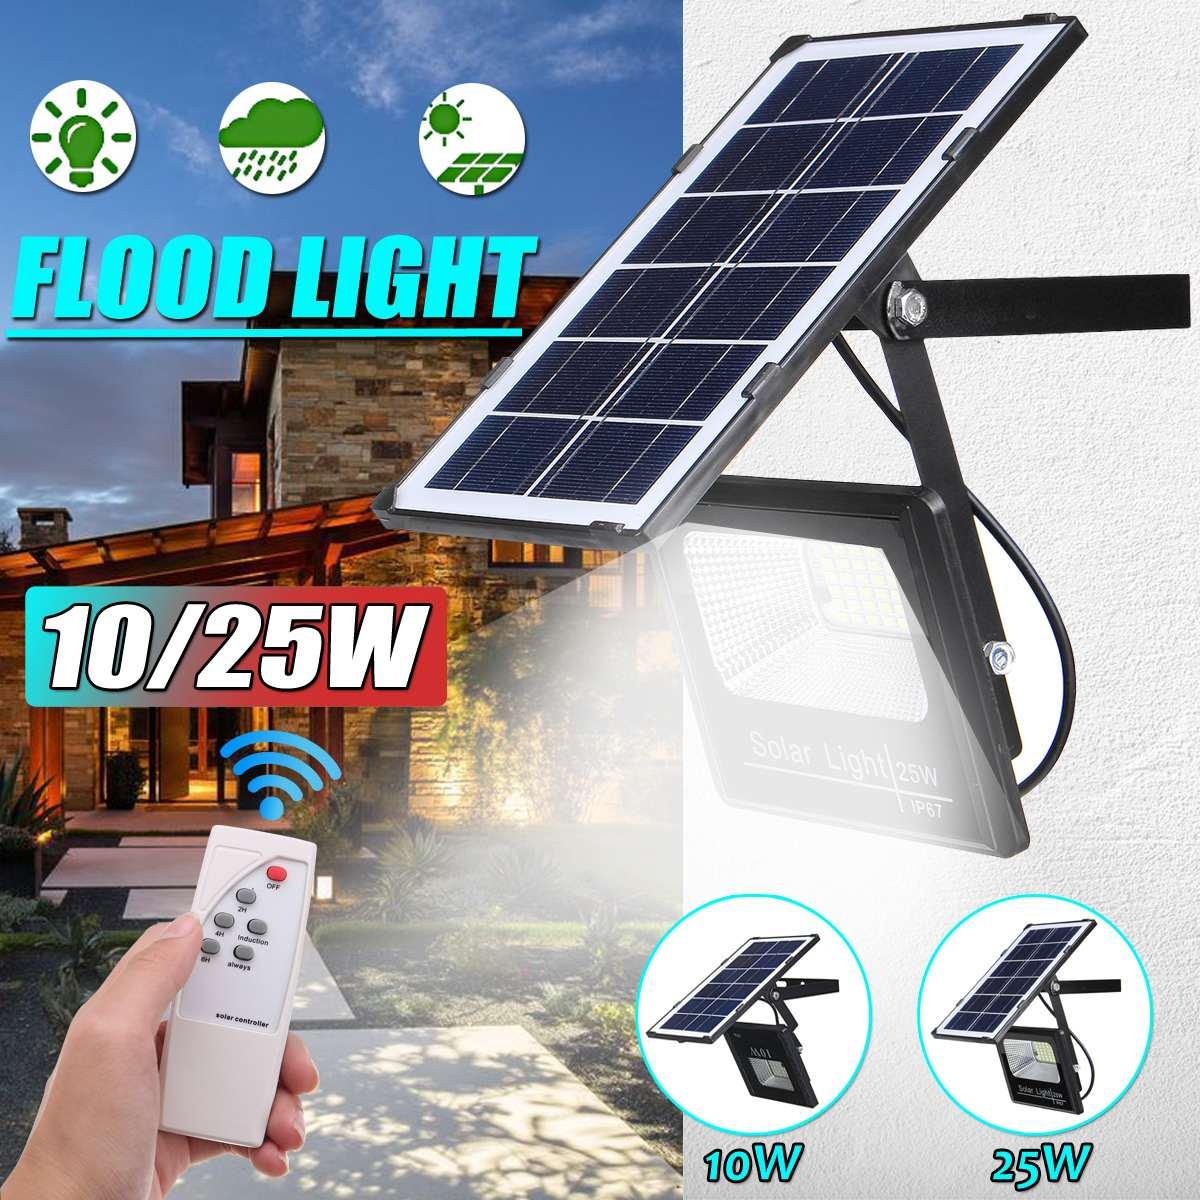 10/25 ワットソーラー投光器 Led ポータブルスポットライトフラッドライト屋外街路ガーデンライト防水壁ランプとリモコン